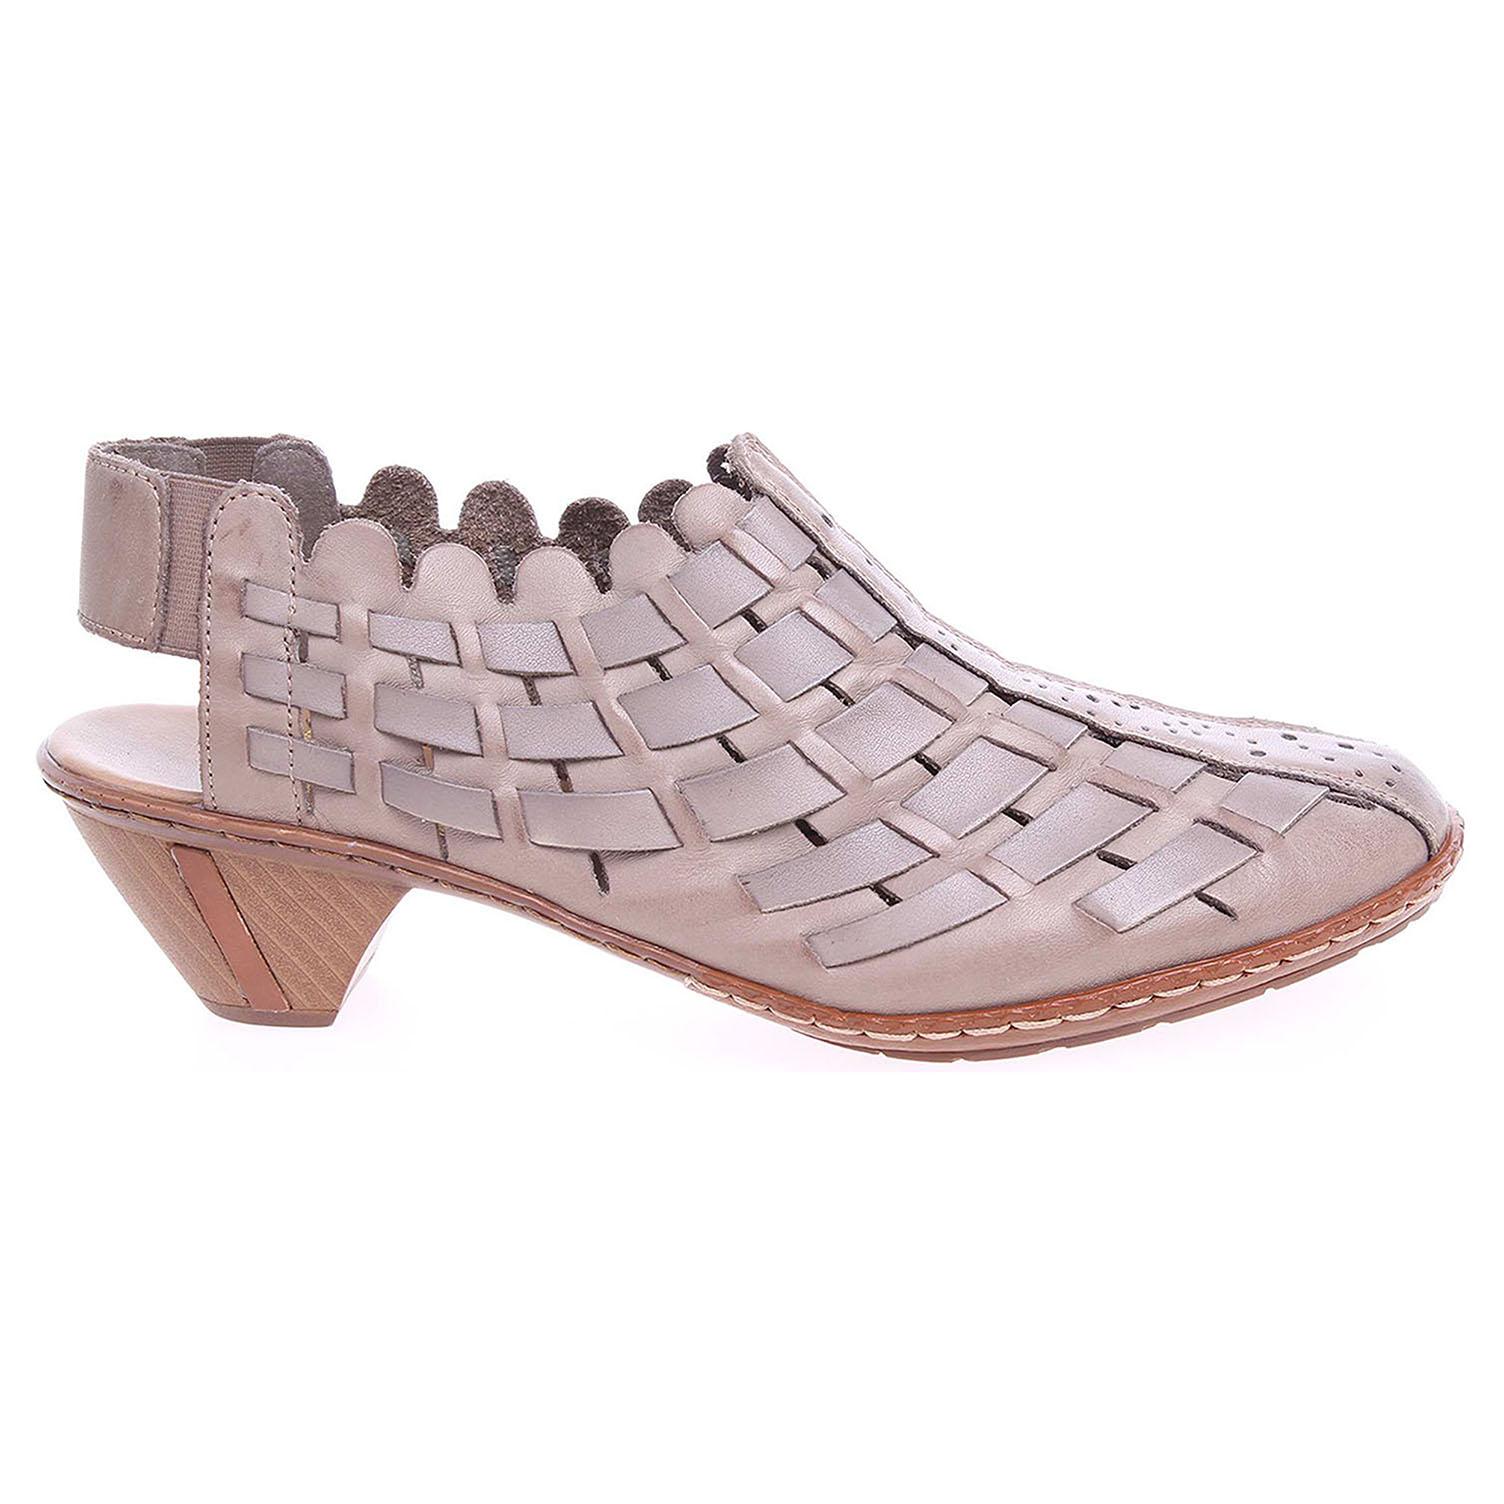 Ecco Rieker dámské sandály 46778-20 béžová-šedá 23800998